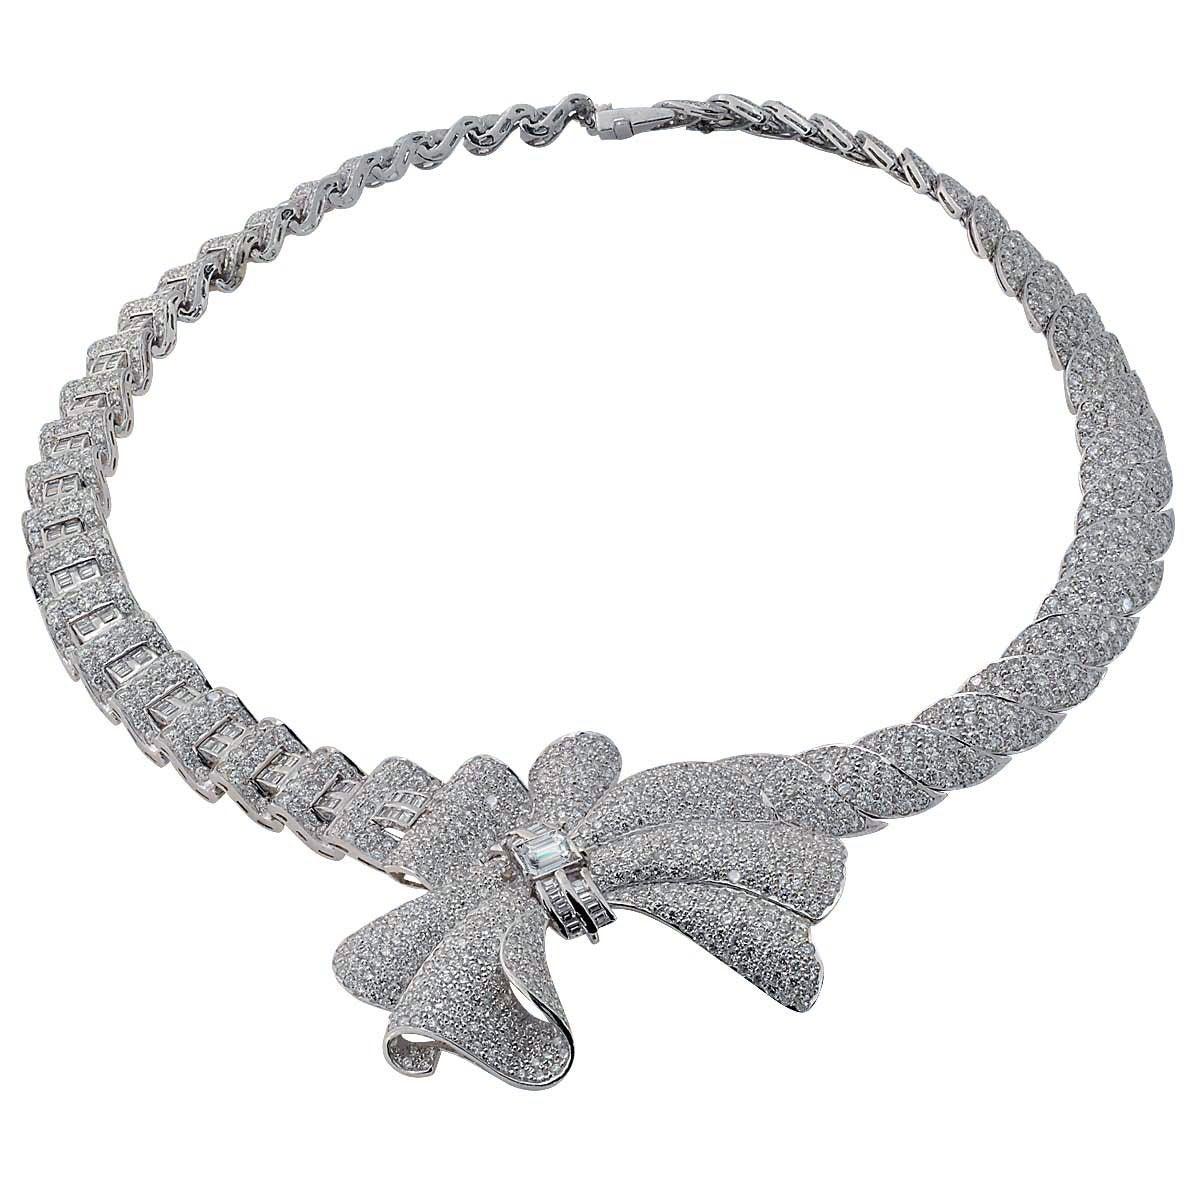 Exquisite Lady's Diamond Platinum Necklace